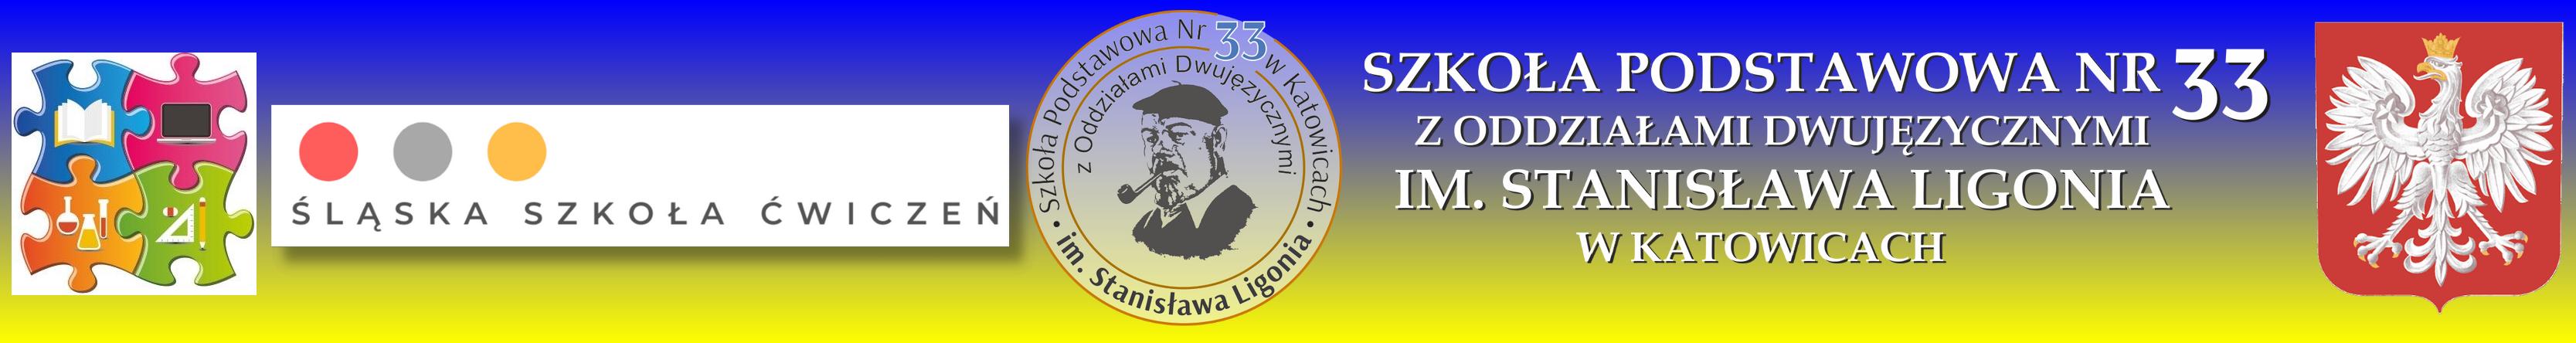 Szkoła Podstawowa nr 33 z Oddziałami Dwujęzycznymi w Katowicach im. Stanisława Ligonia